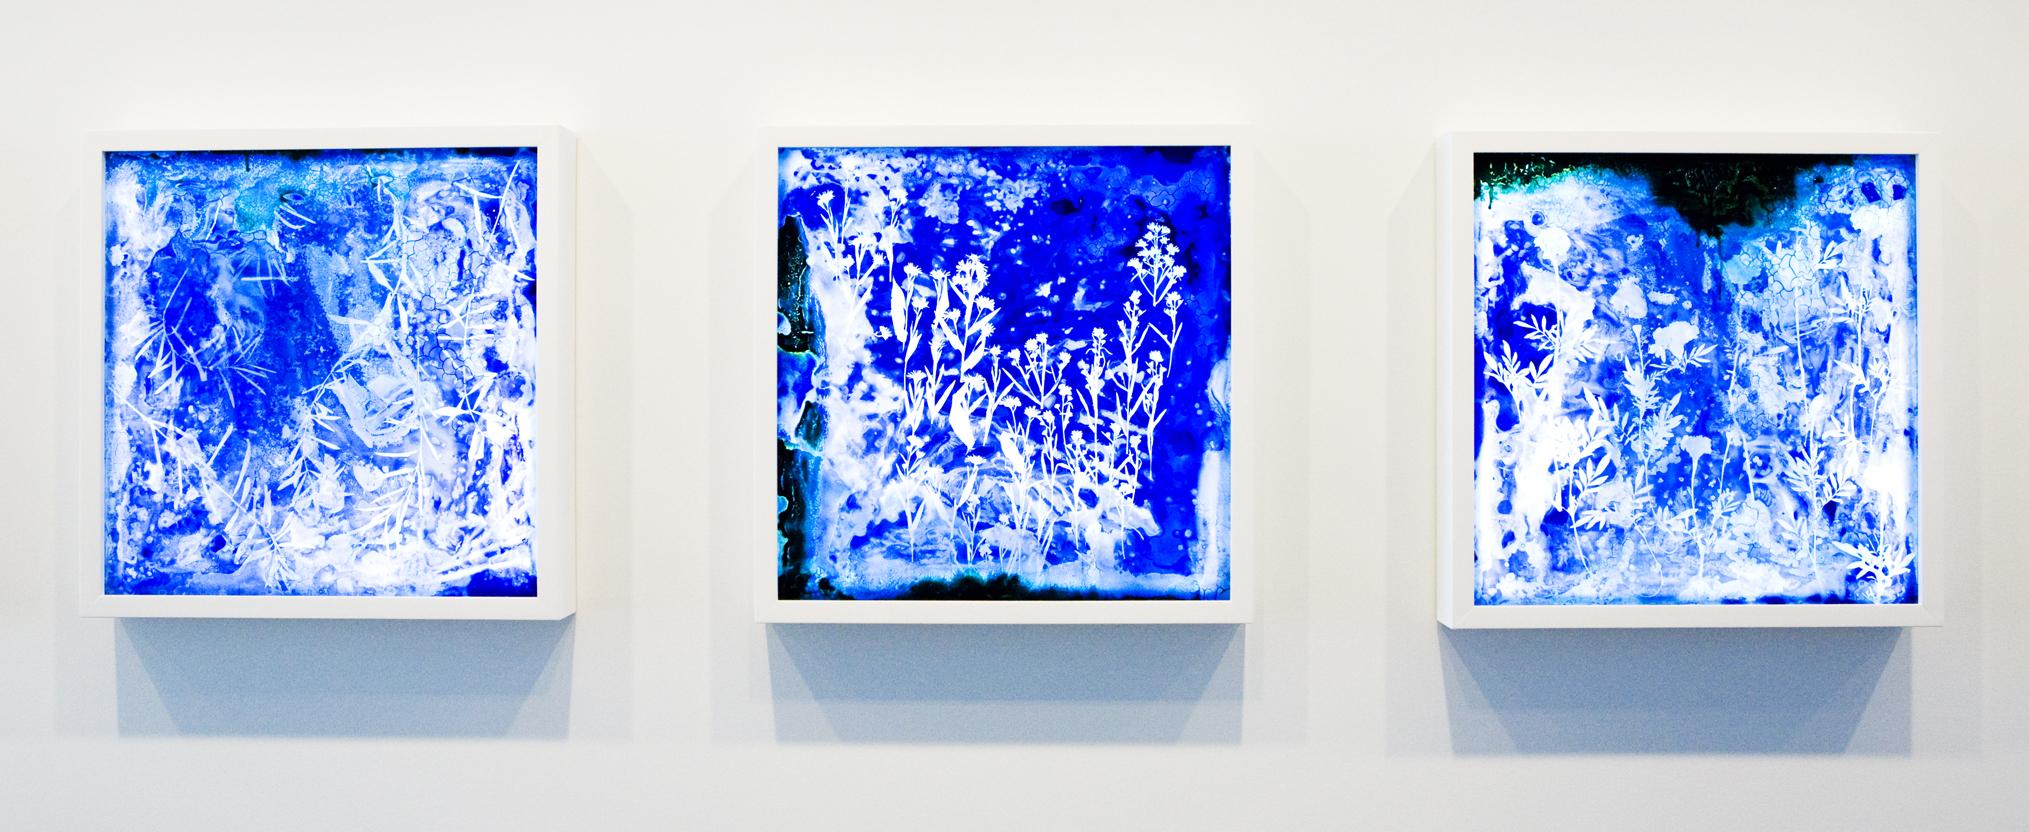 Cyanotype on Glass